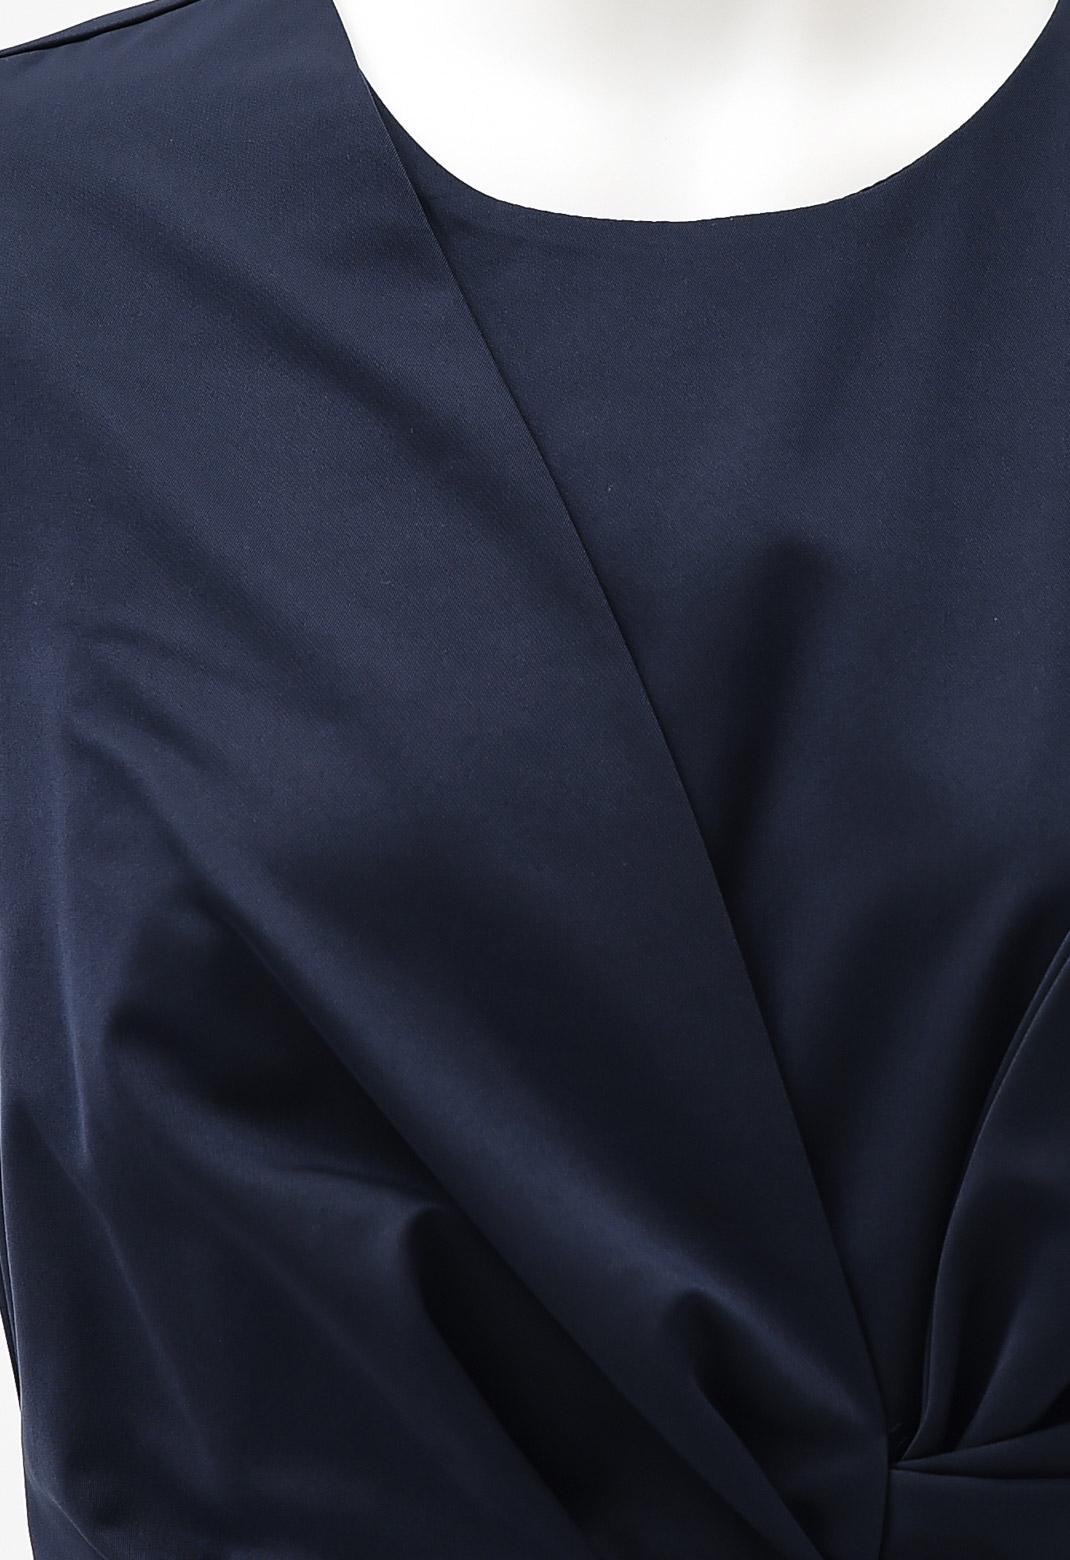 リボン サテン ノースリーブ ドレス